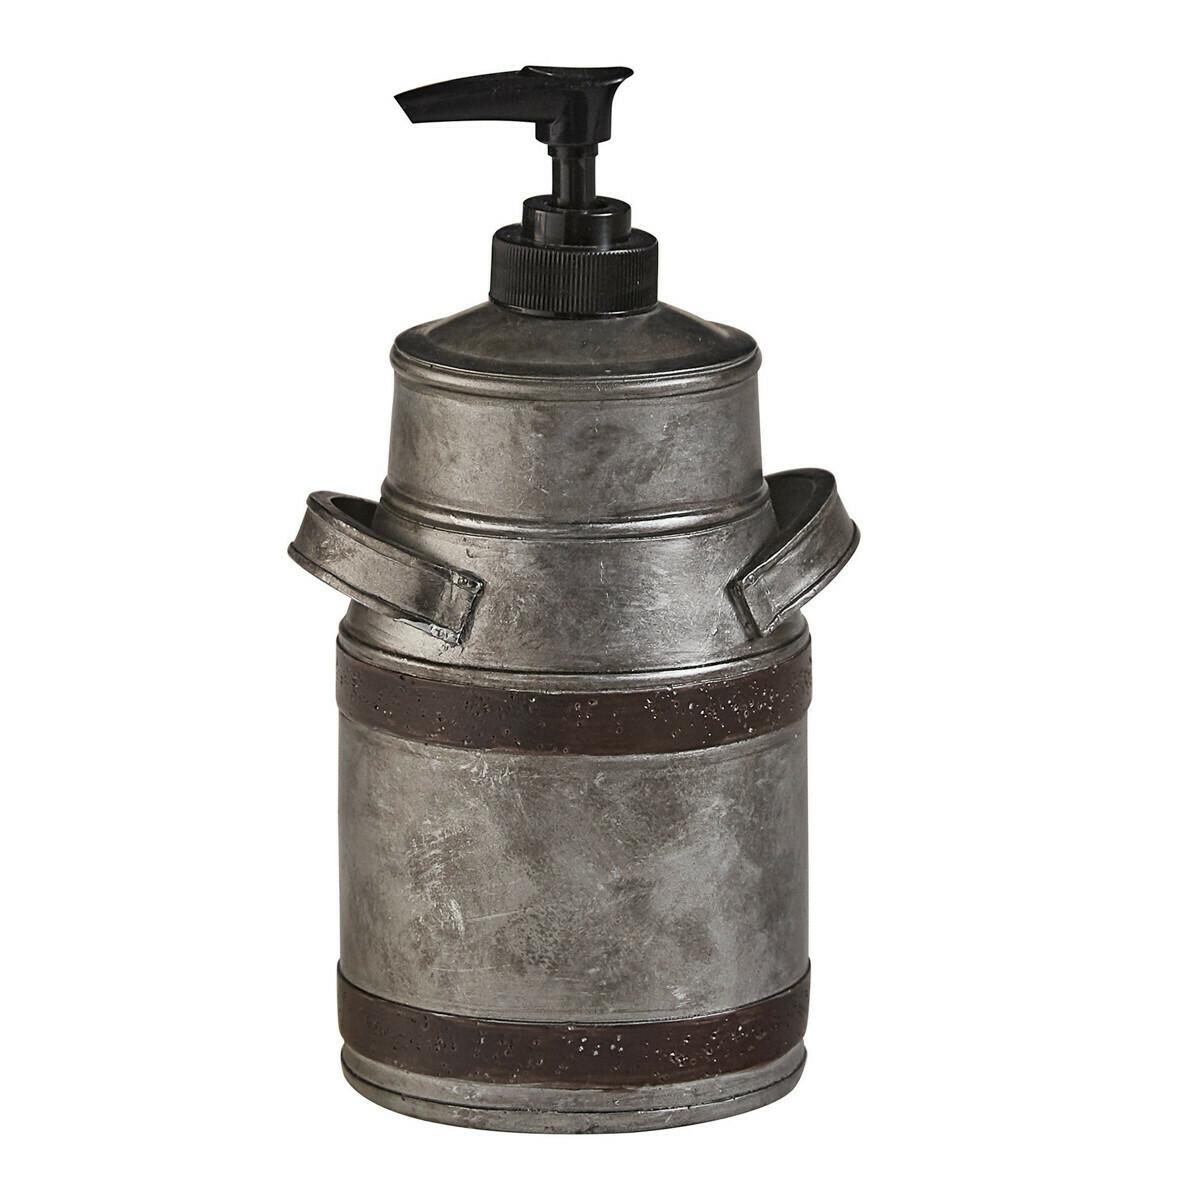 Antique Farmhouse Milk Pitcher Dispenser